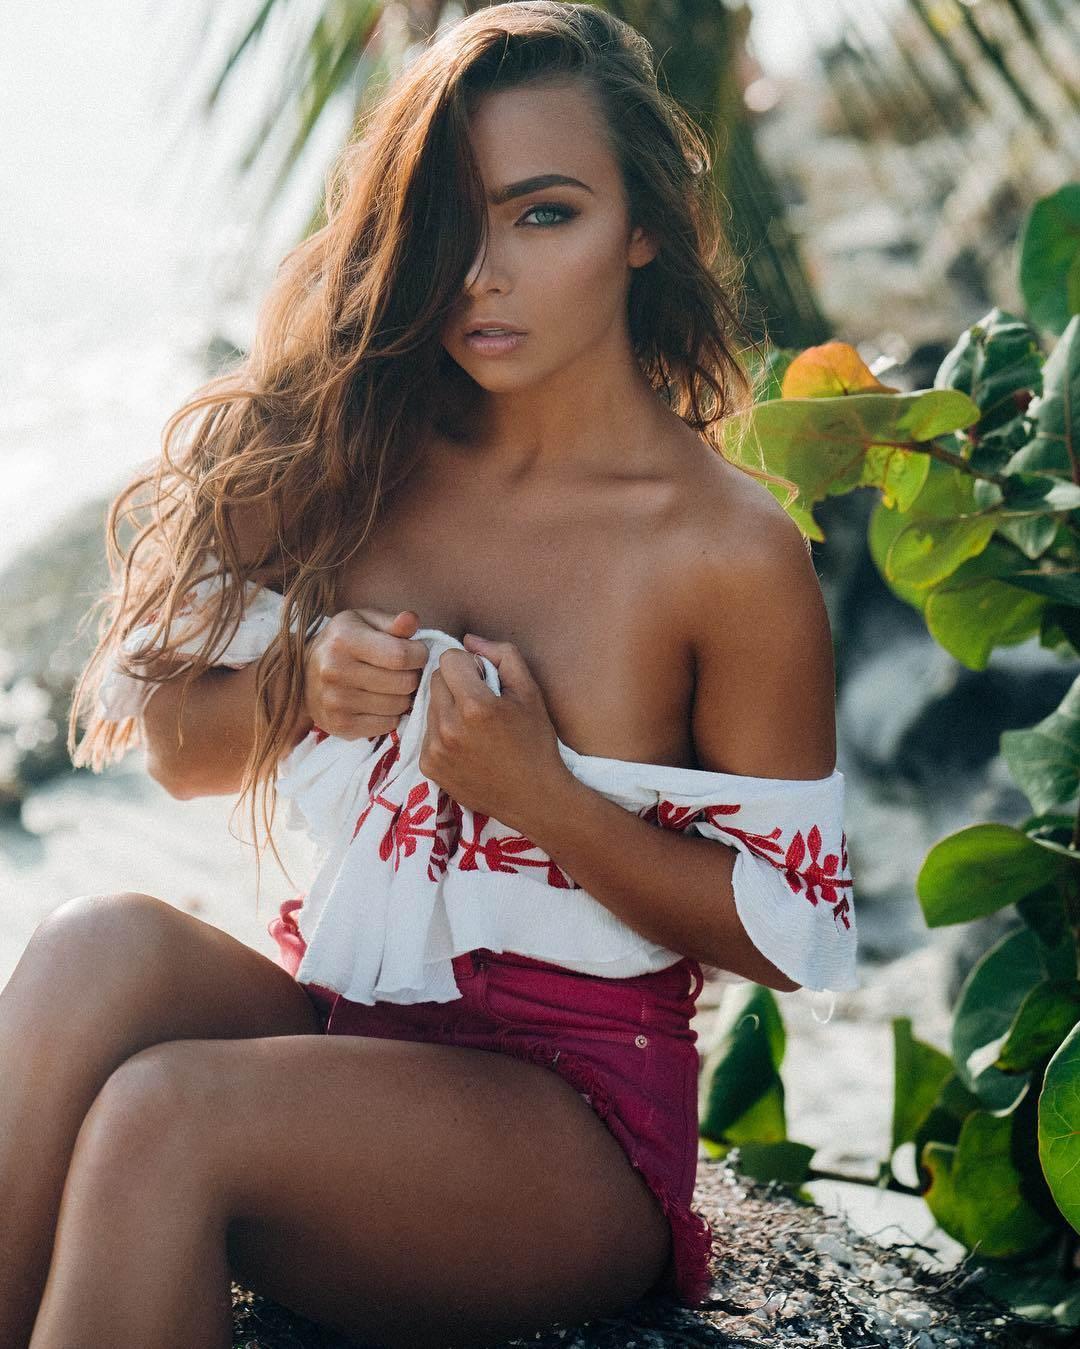 Сексуальная шатенка Кейтлин Кристин